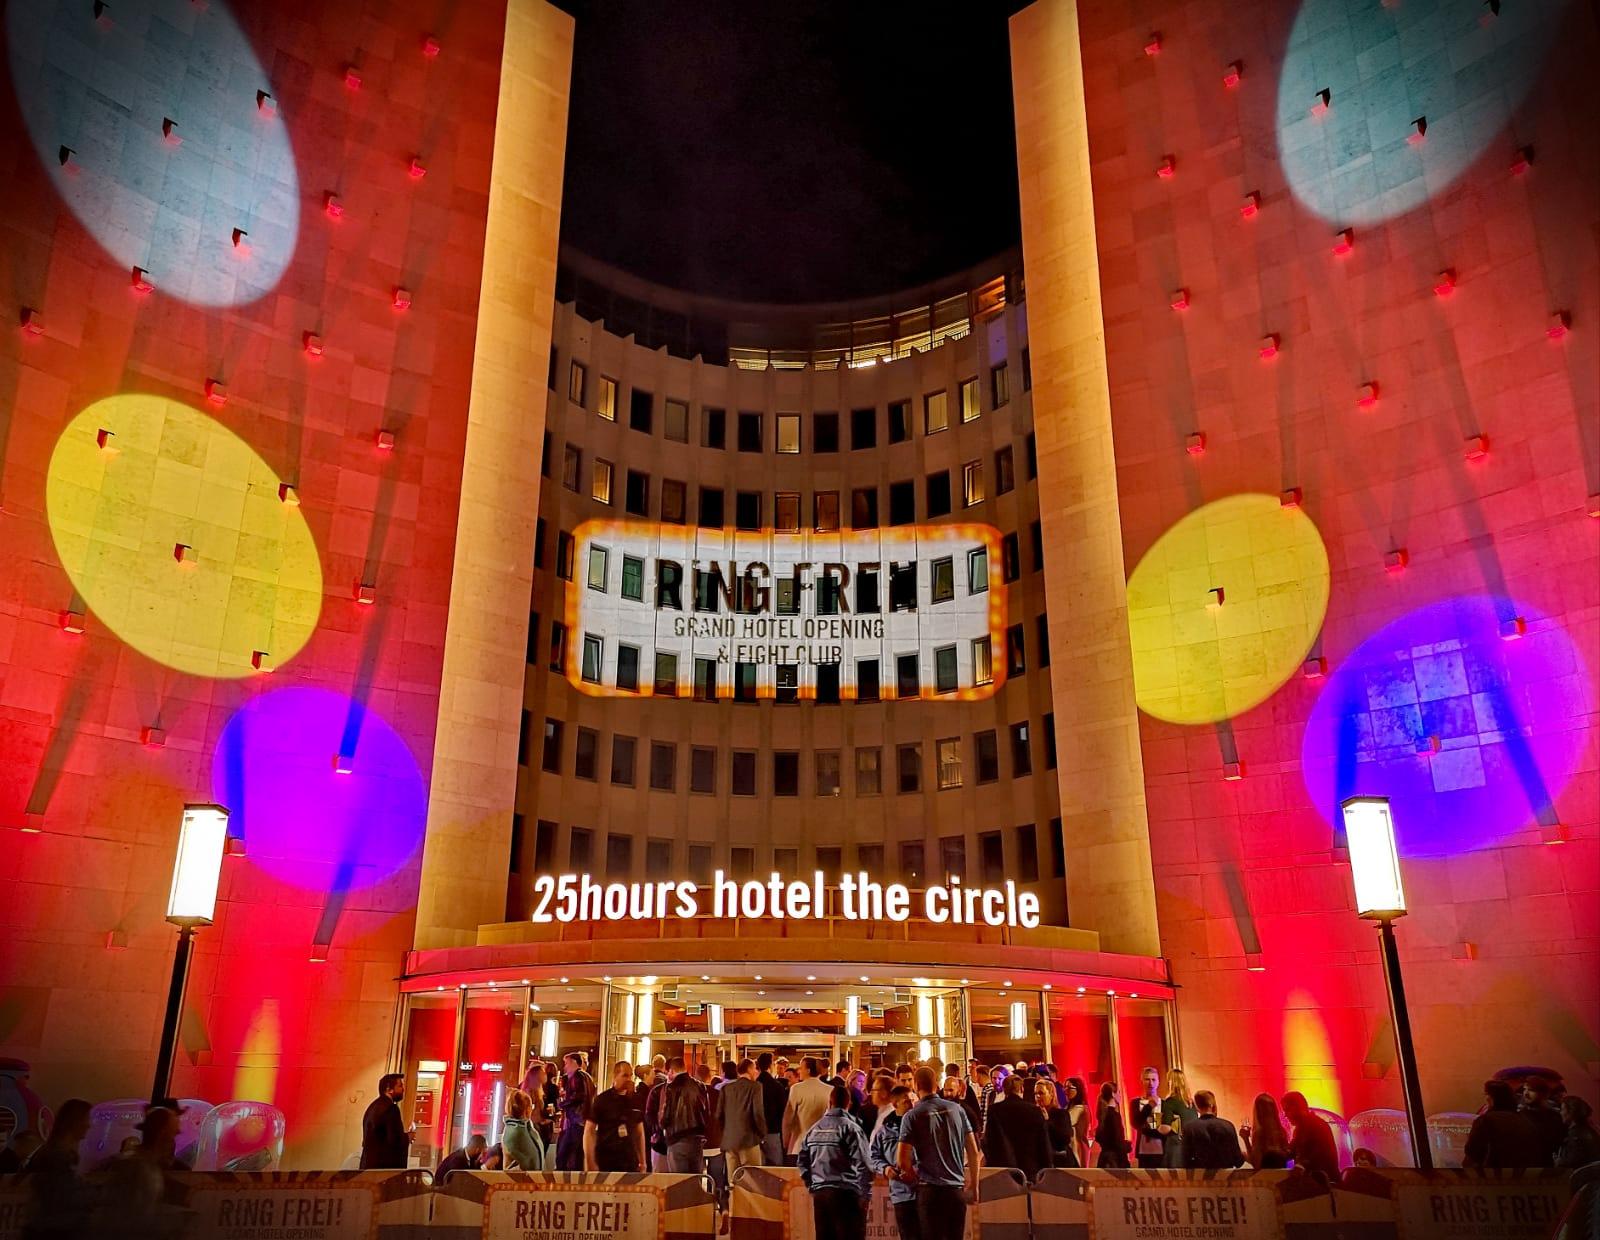 001_MATT_CIRCUS_180907_25hourshotel_opening_2_001.jpg